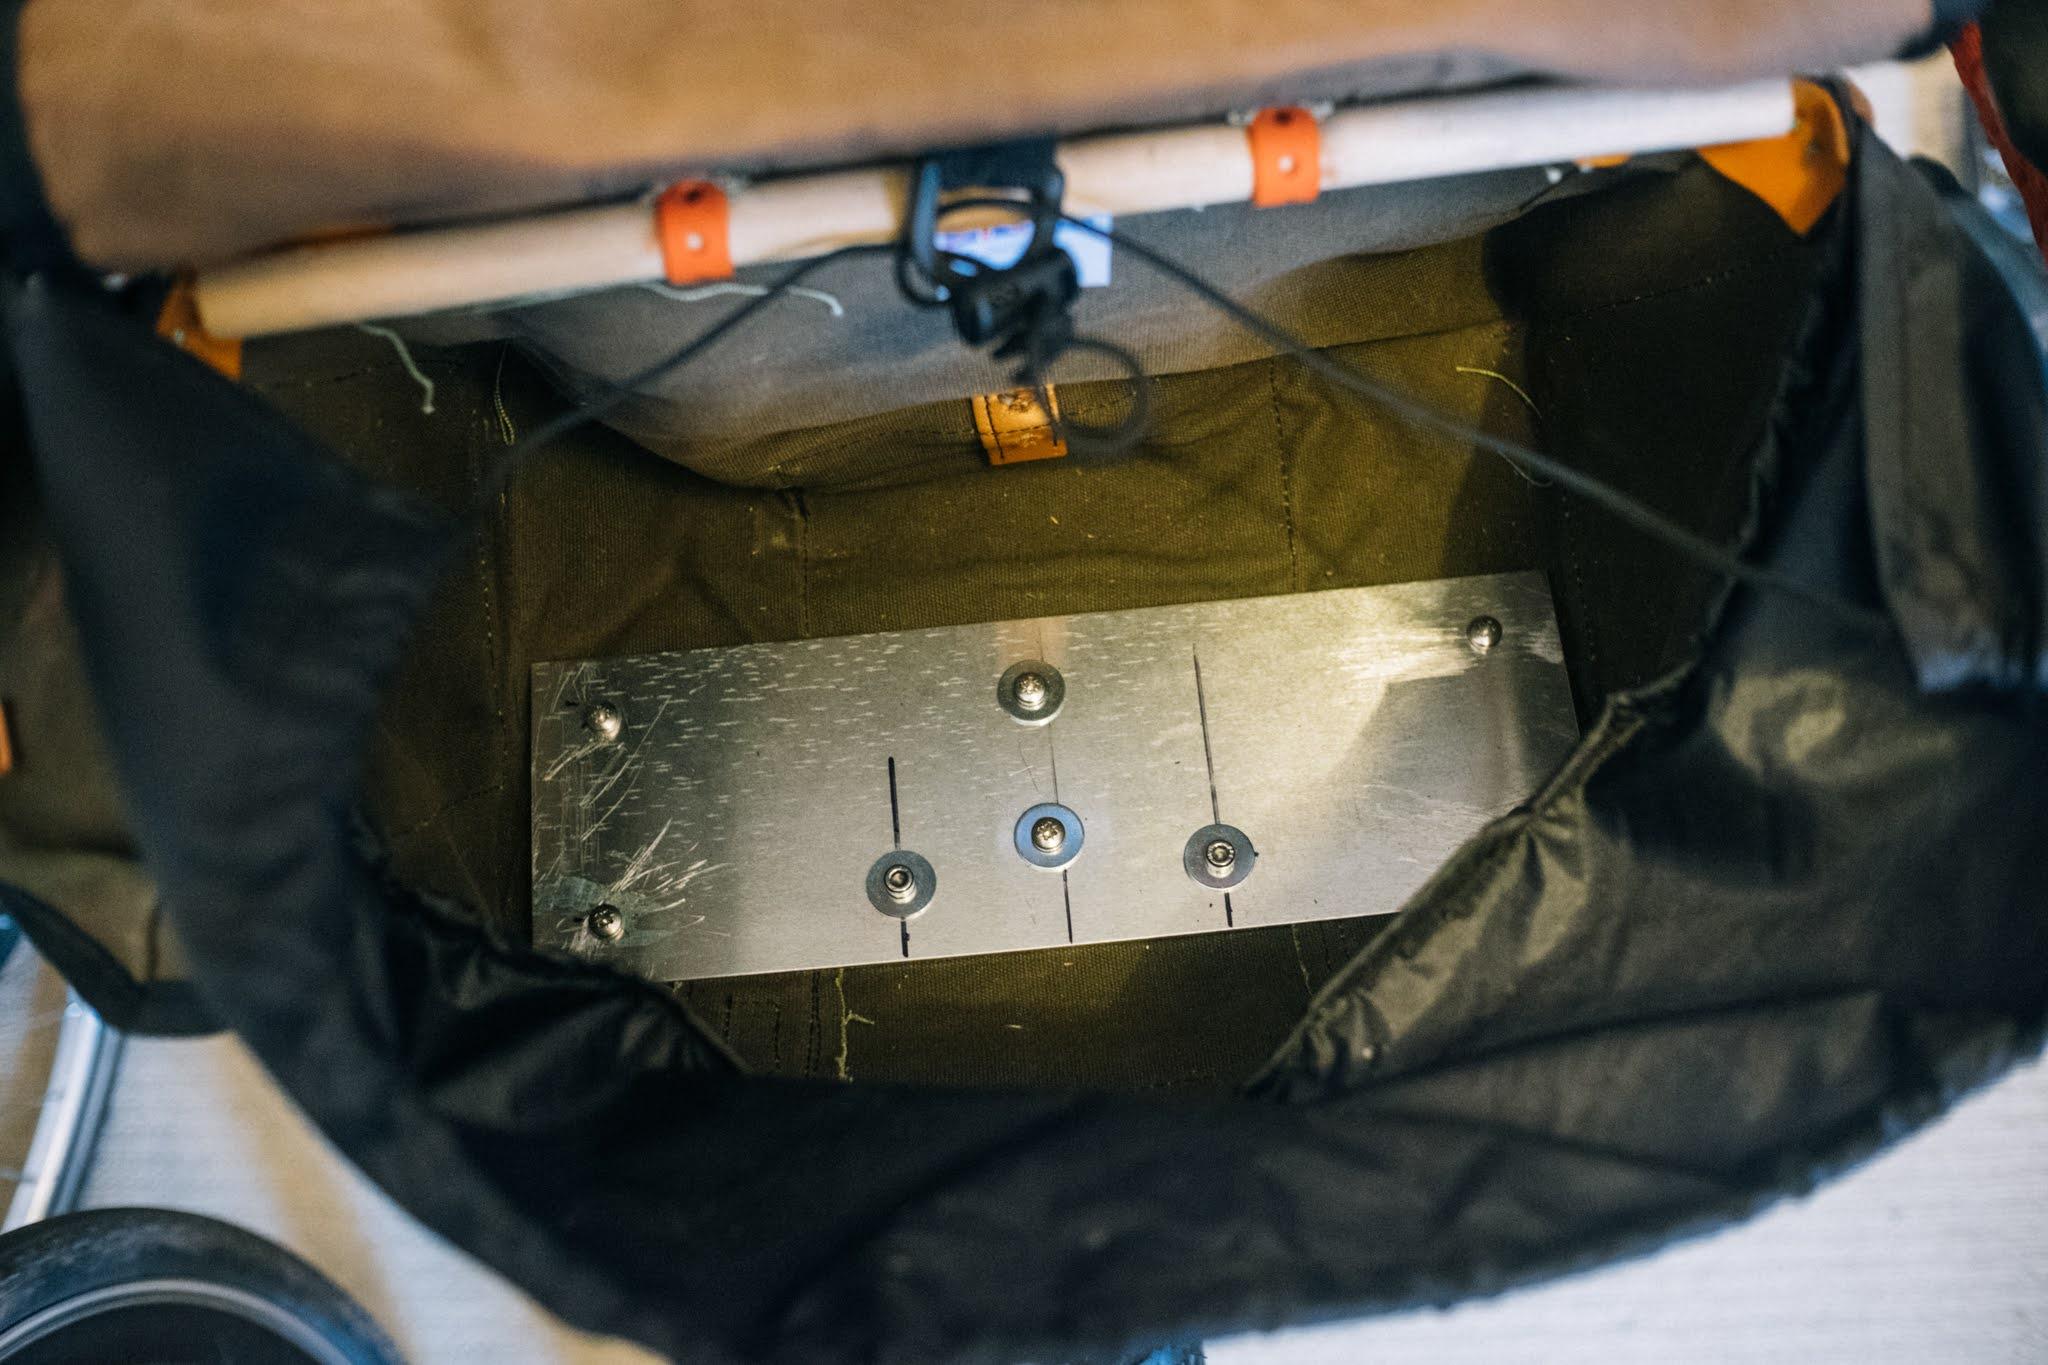 DIY front bag support